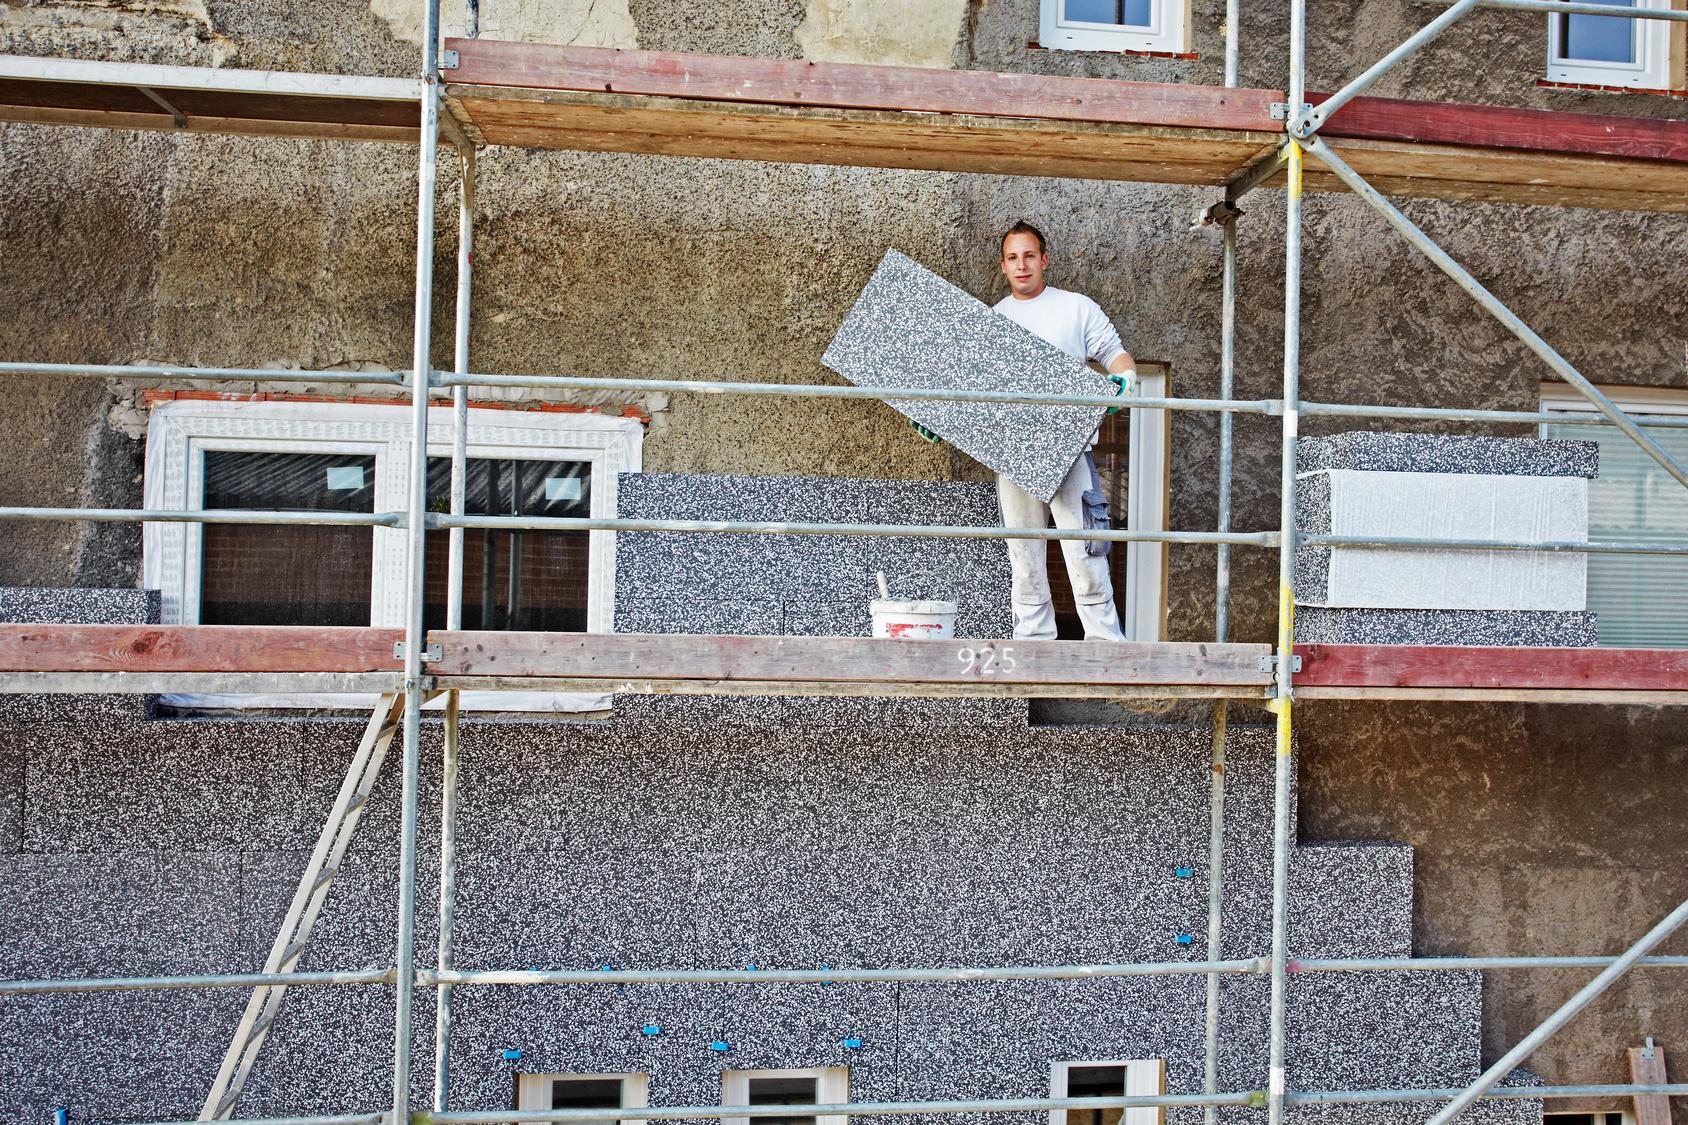 Fußboden Dämmung Gegen Erdreich ~ Dämmung haus tipps wissen im sanierungsratgeber